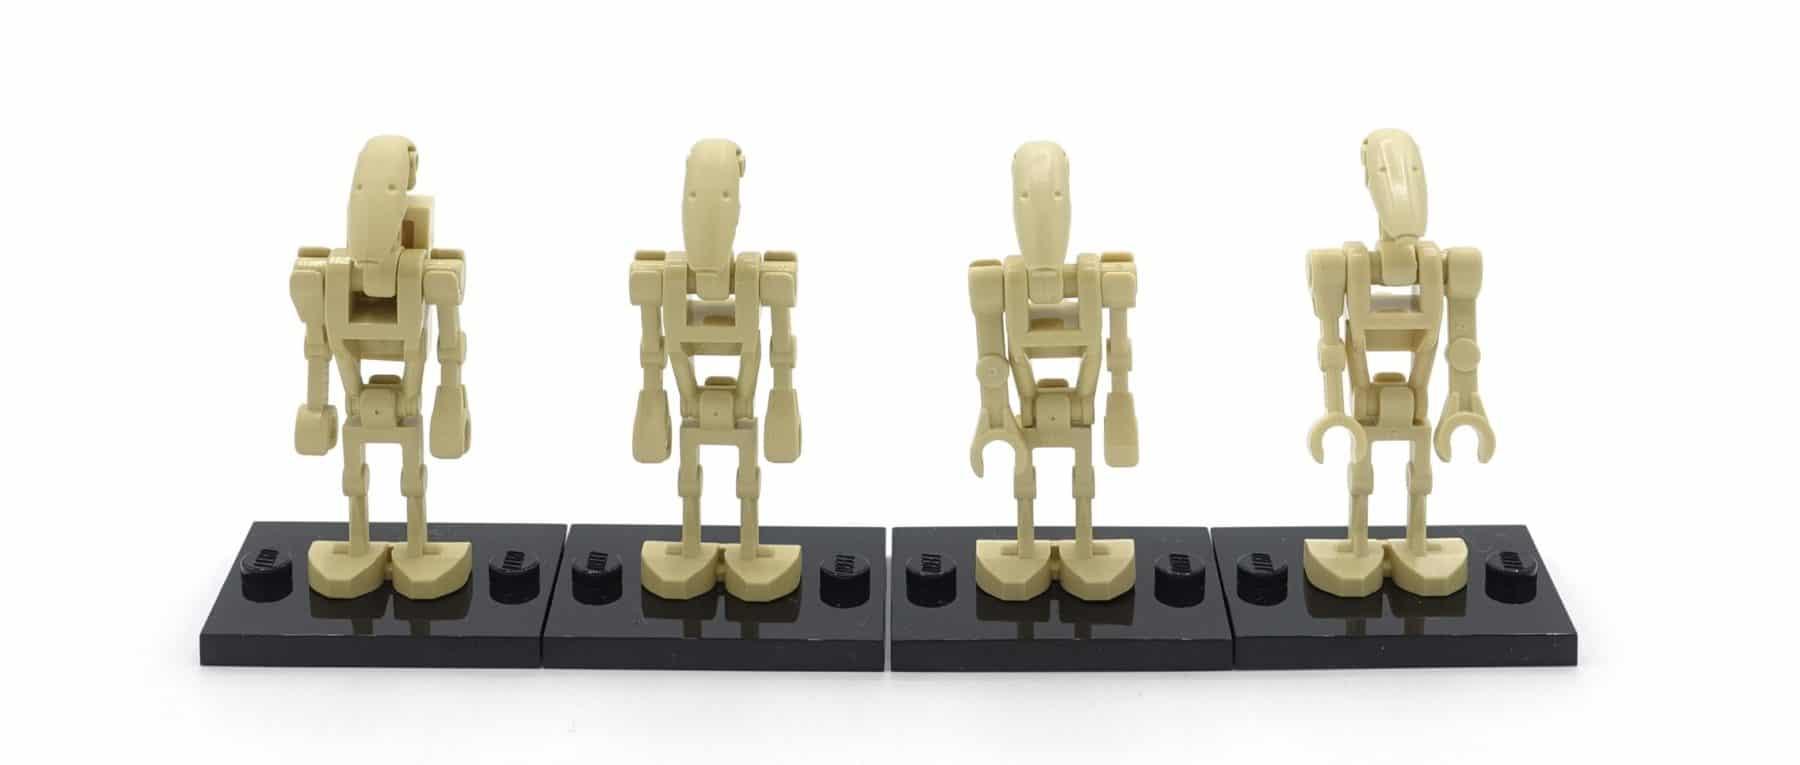 Vier unterschiedliche LEGO Star Wars Droiden sw0001a-d